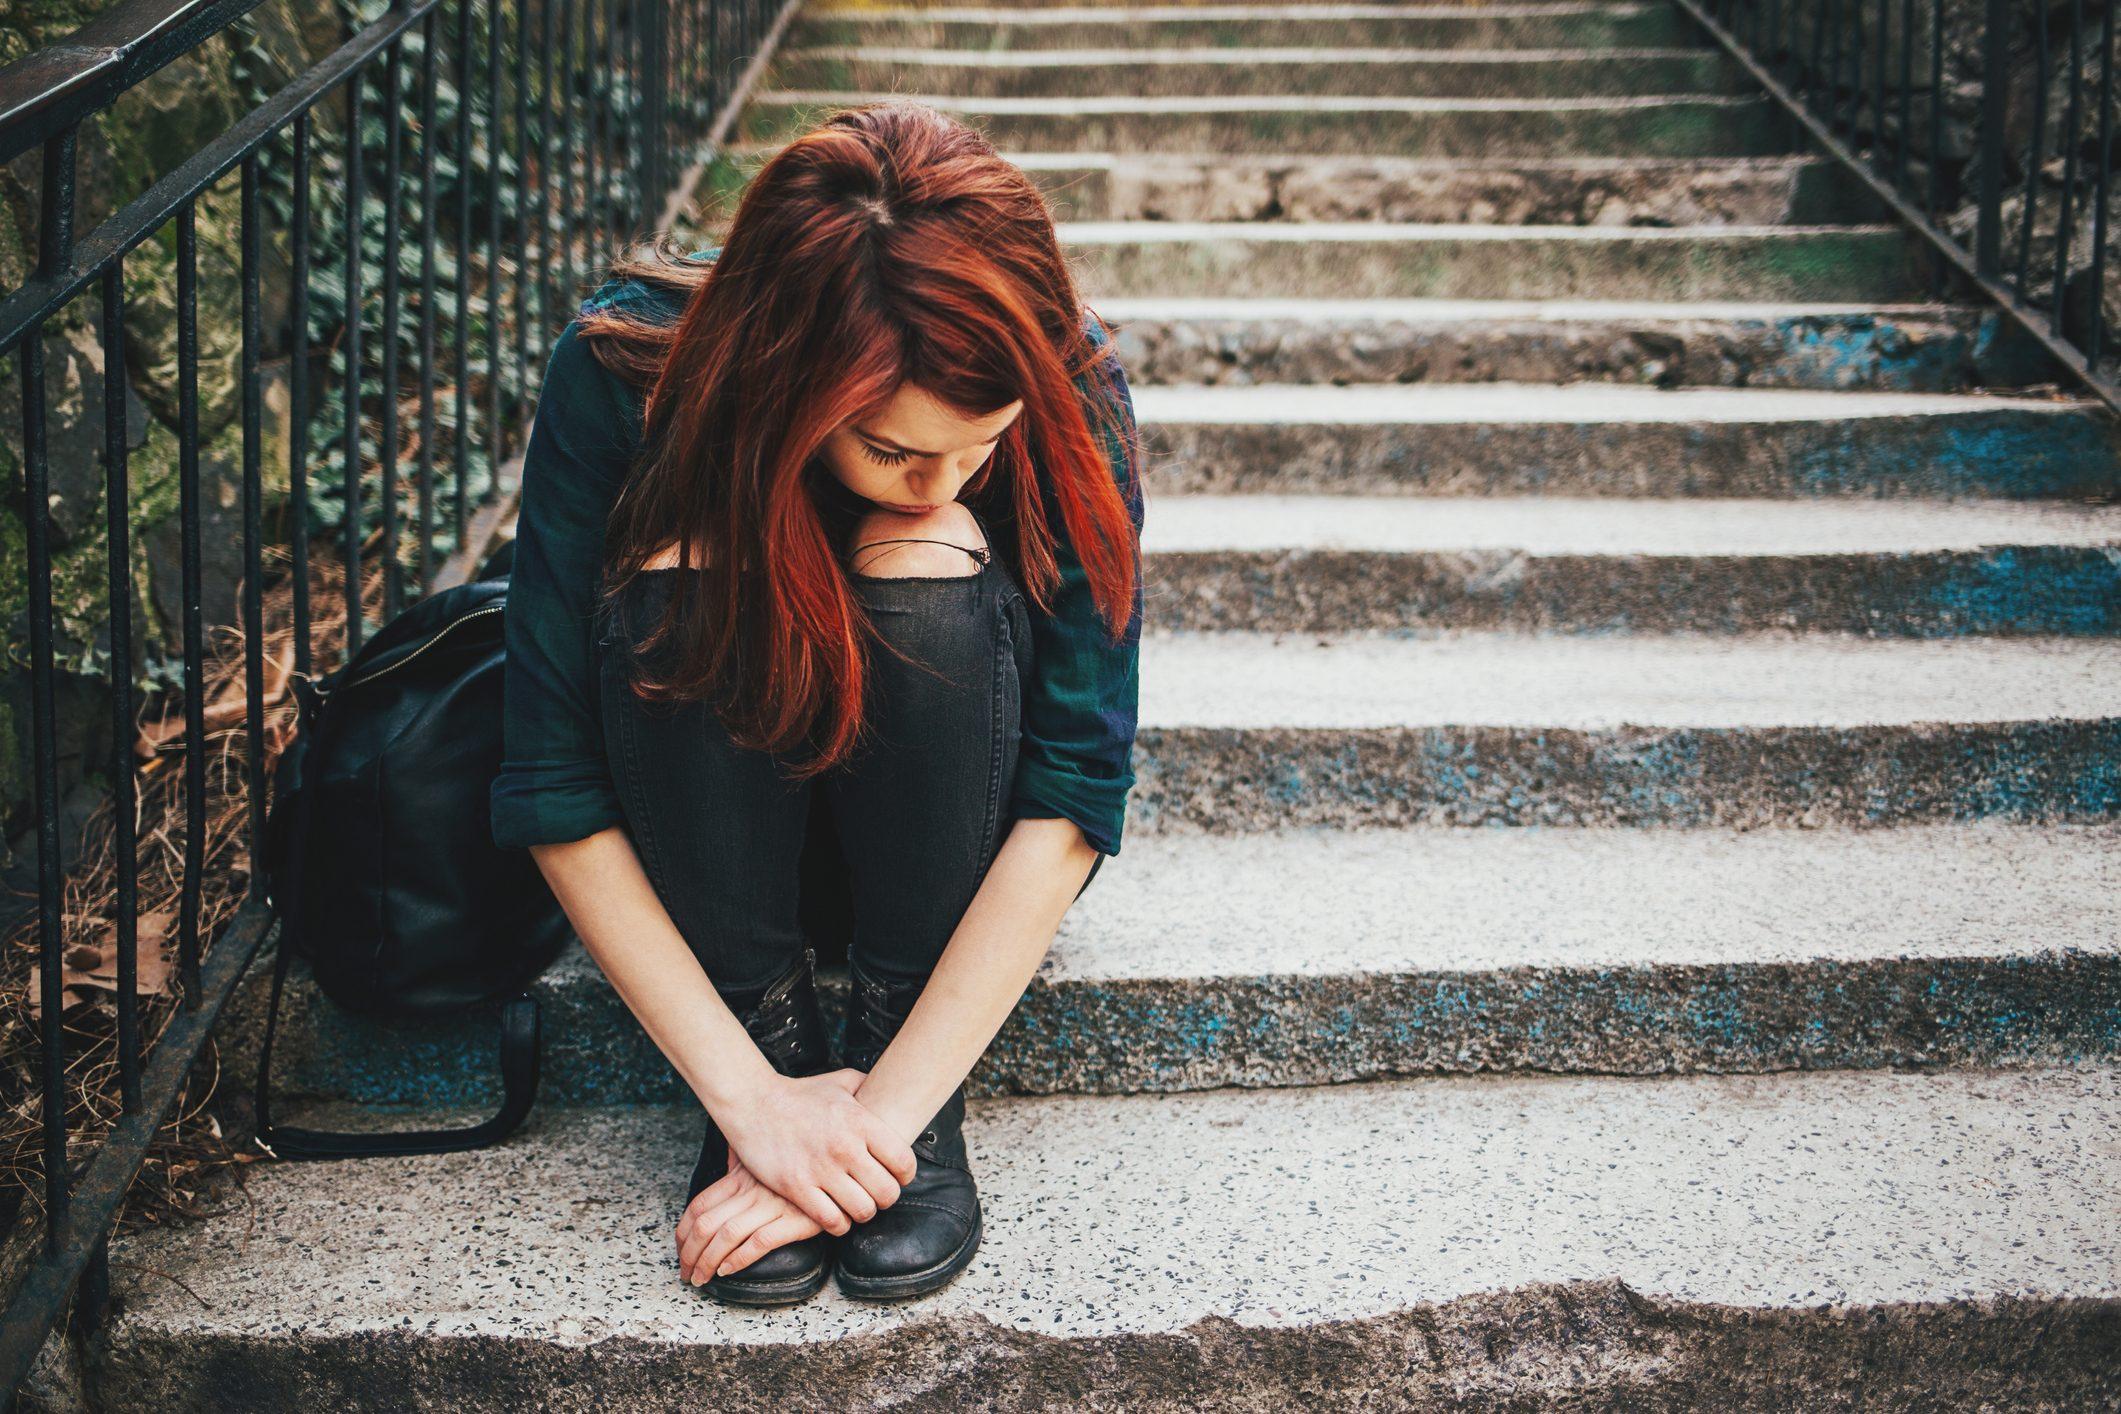 Hai Un Figlio Adolescente E Ti Sembra Di Non Riuscire Piu A Capirlo 10 Consigli Che Potrebbero Aiutarti Ohga